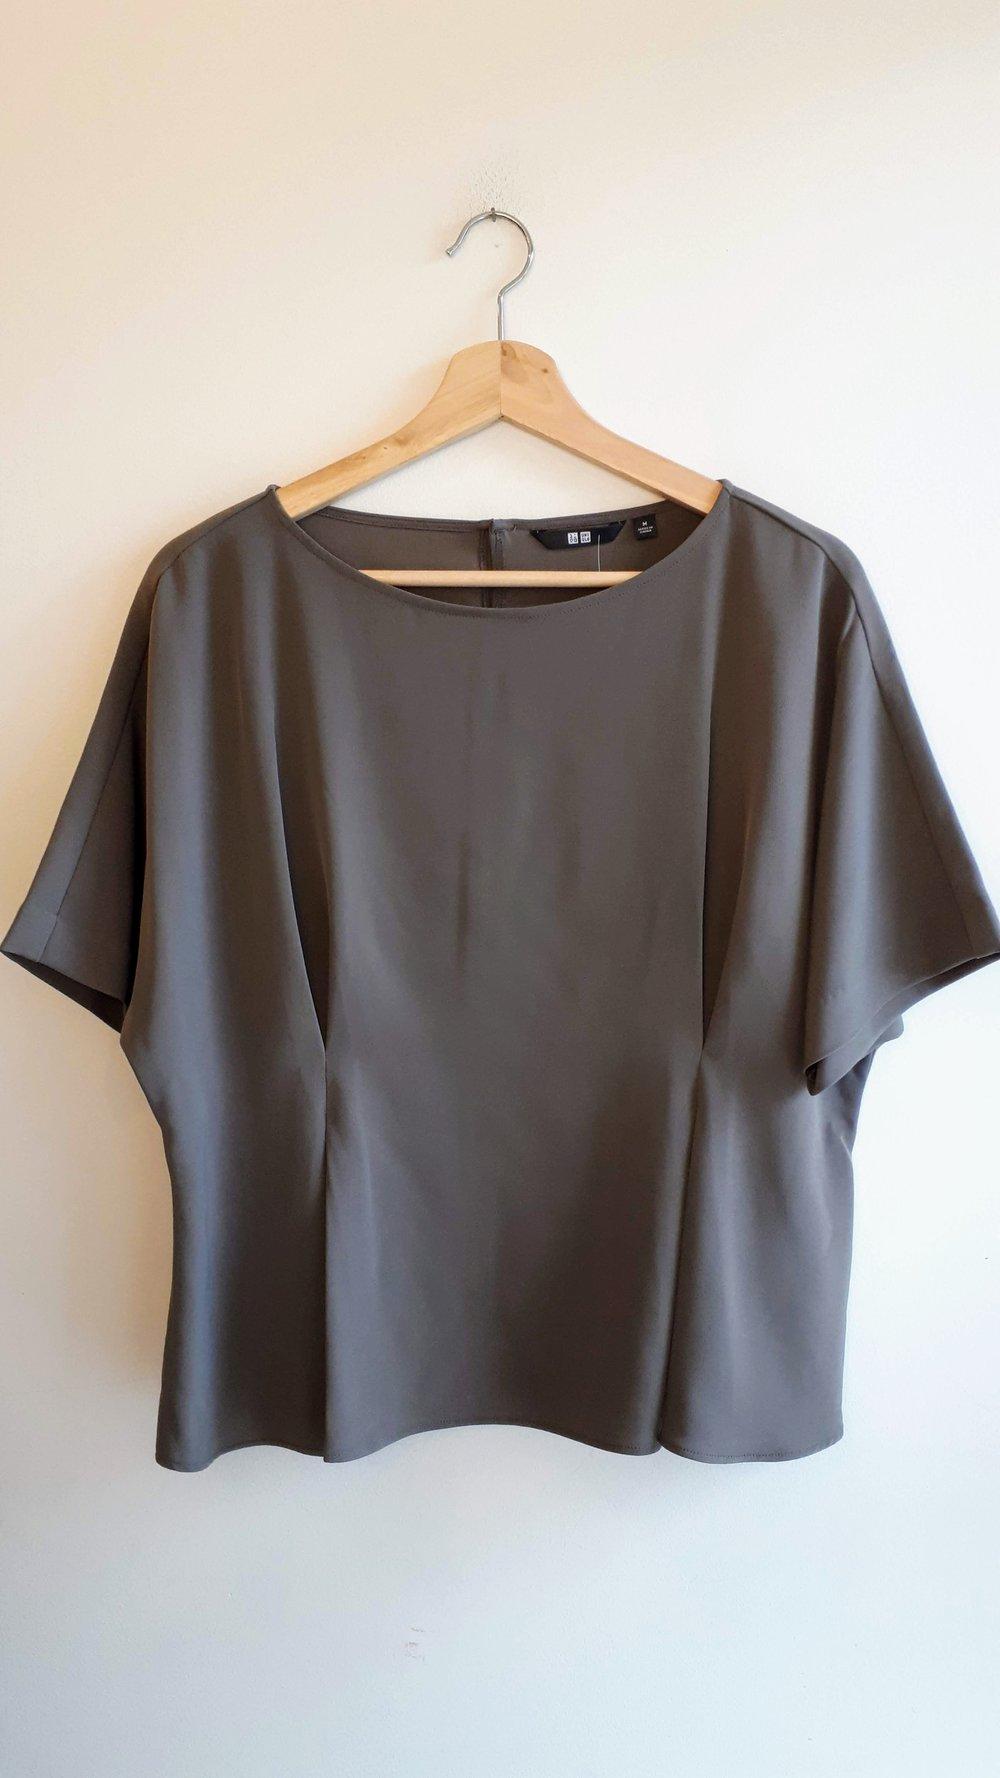 Uniqlo top; Size M, $40